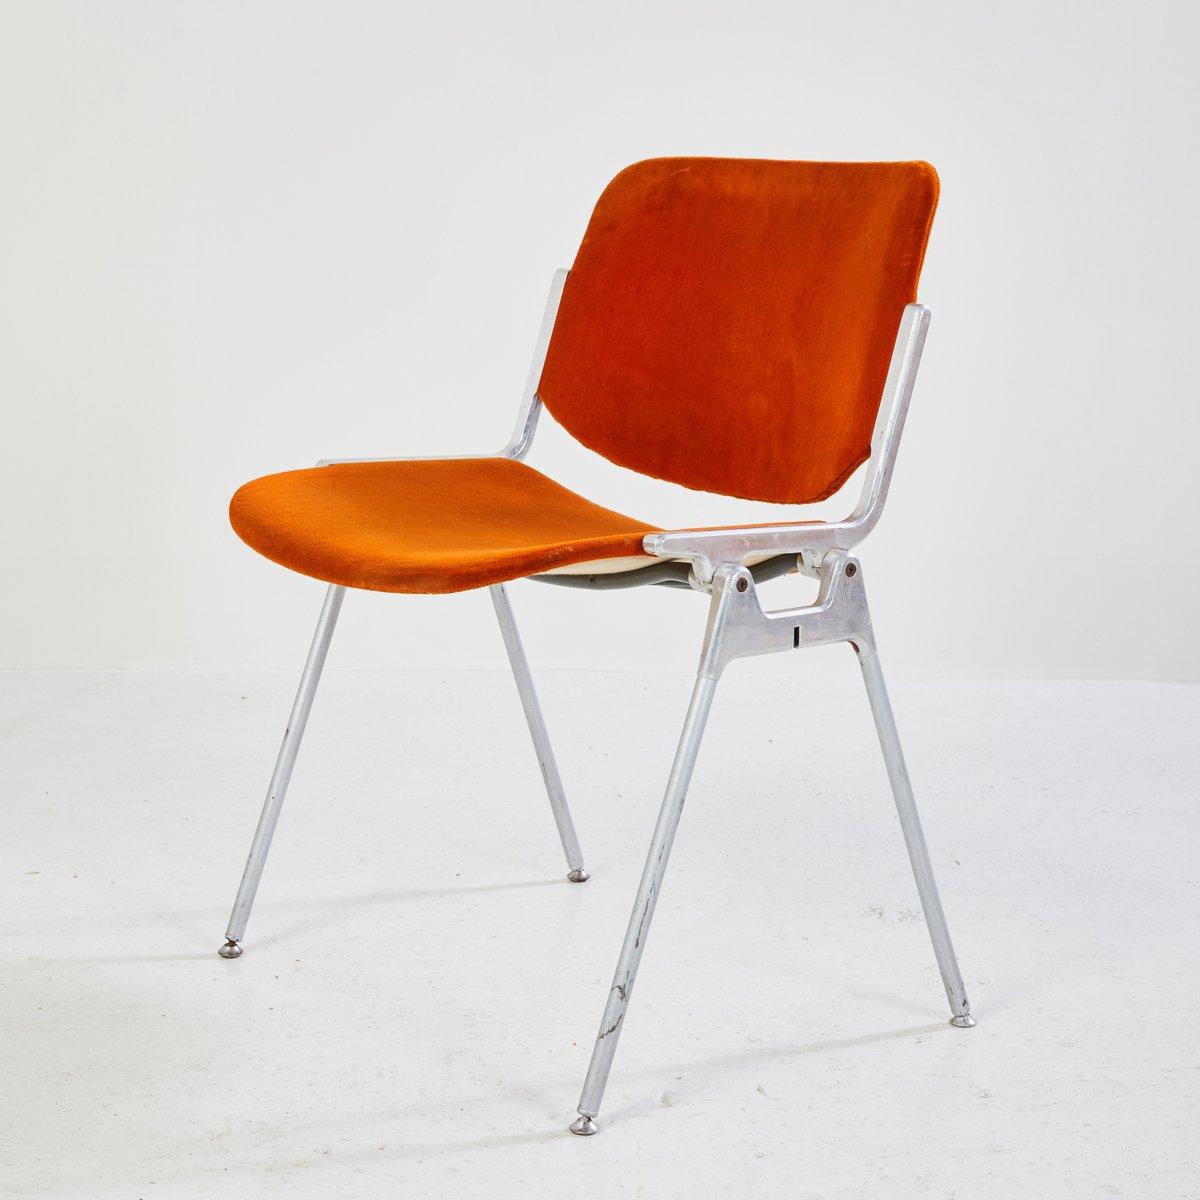 chaise d 39 appoint dsc 106 par giancarlo piretti pour castelli 1955 en vente sur pamono. Black Bedroom Furniture Sets. Home Design Ideas